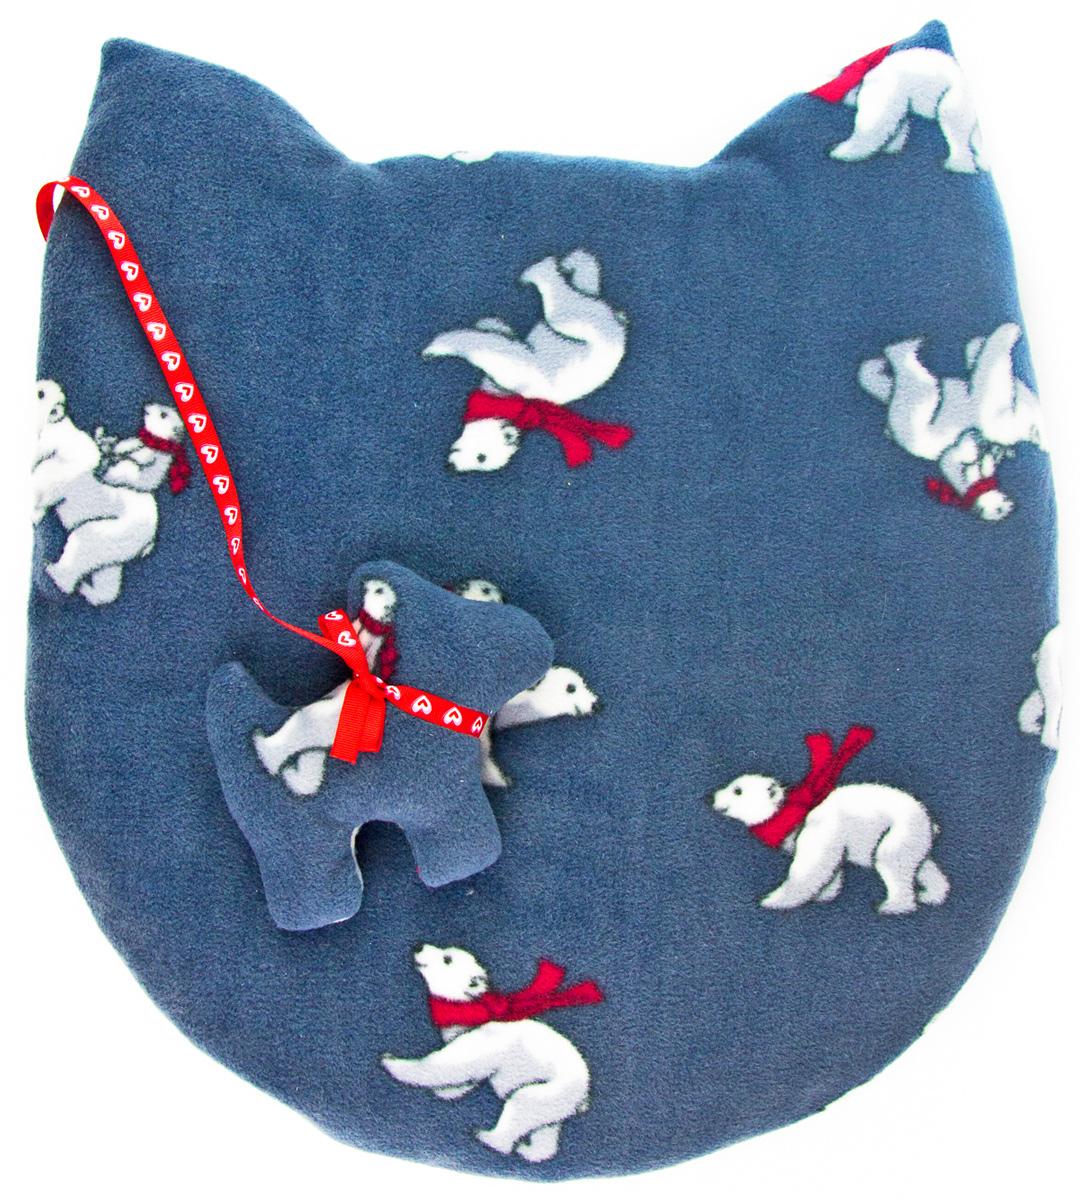 Лежак-коврик для животных Zoobaloo Мордашка. Мишки, с игрушкой, 45 х 50 см0120710Великолепный флисовый лежак-коврик Zoobaloo - это отличный аксессуар для вашего питомца, на котором можно спать, играться и снова, приятно устав, заснуть. Он идеально подходит для полов с любым покрытием. Изделиеподдерживает температурный баланс вашего питомца в любоевремя года. Наполнитель выполнен из синтепона.